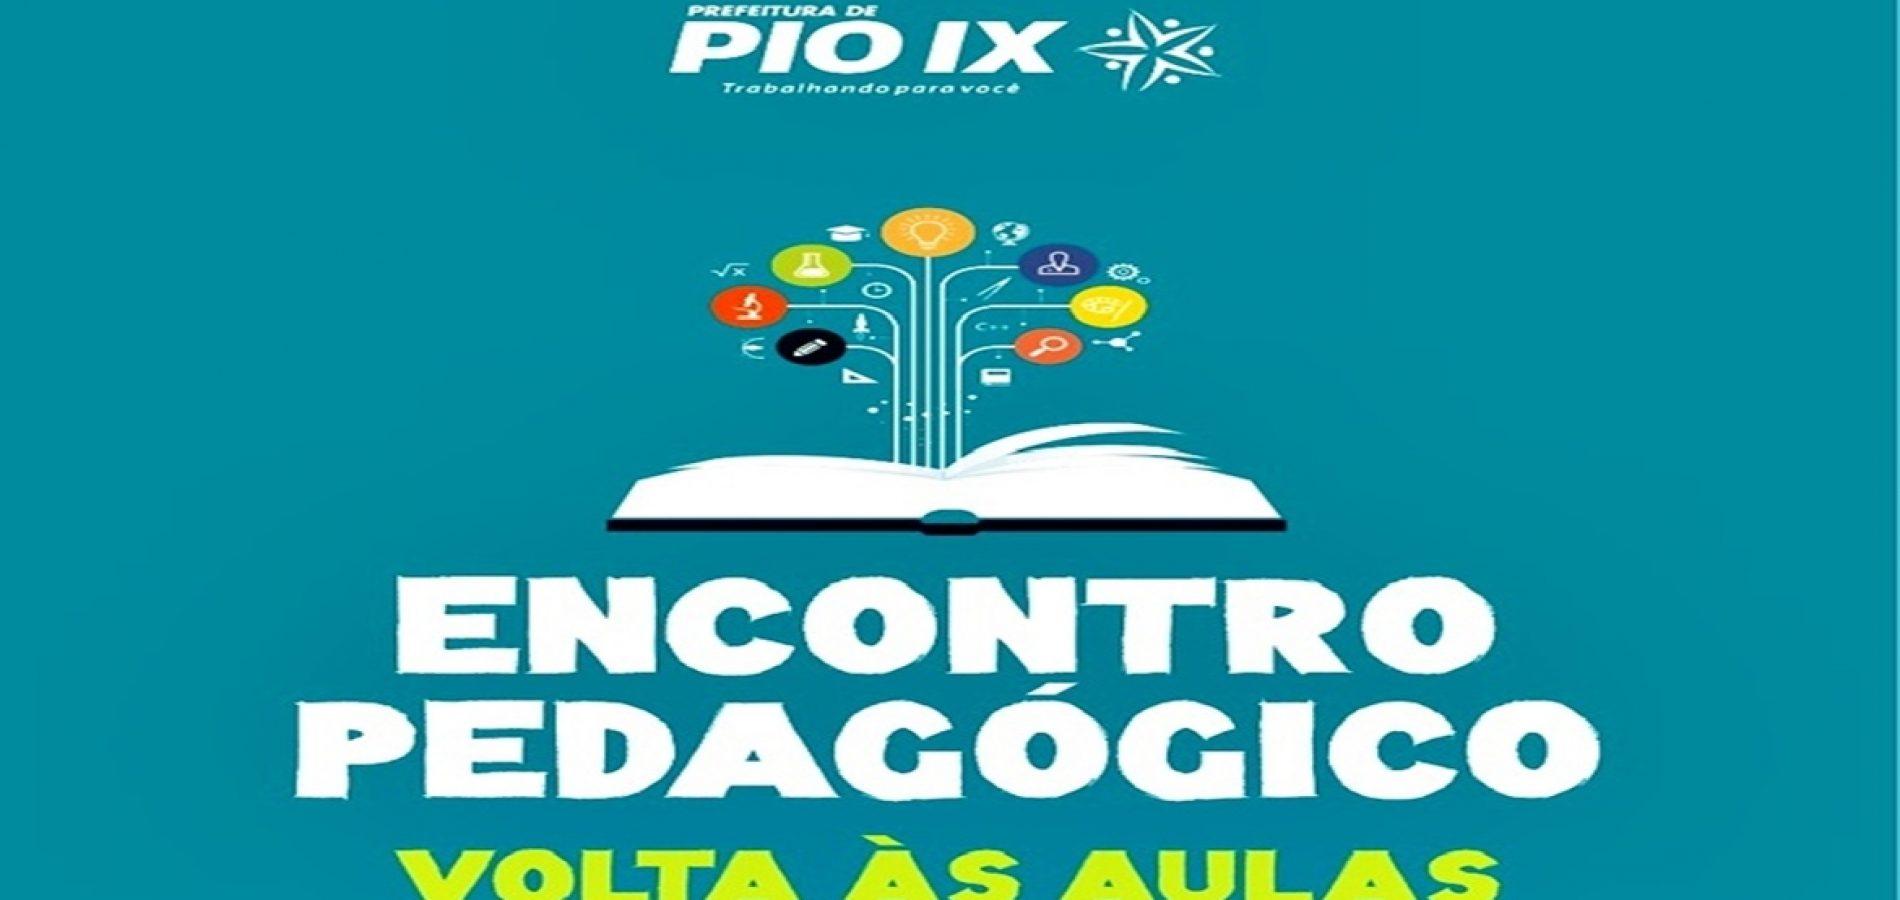 Educação de Pio IX realizará Encontro Pedagógico nesta sexta e sábado. Veja programação!